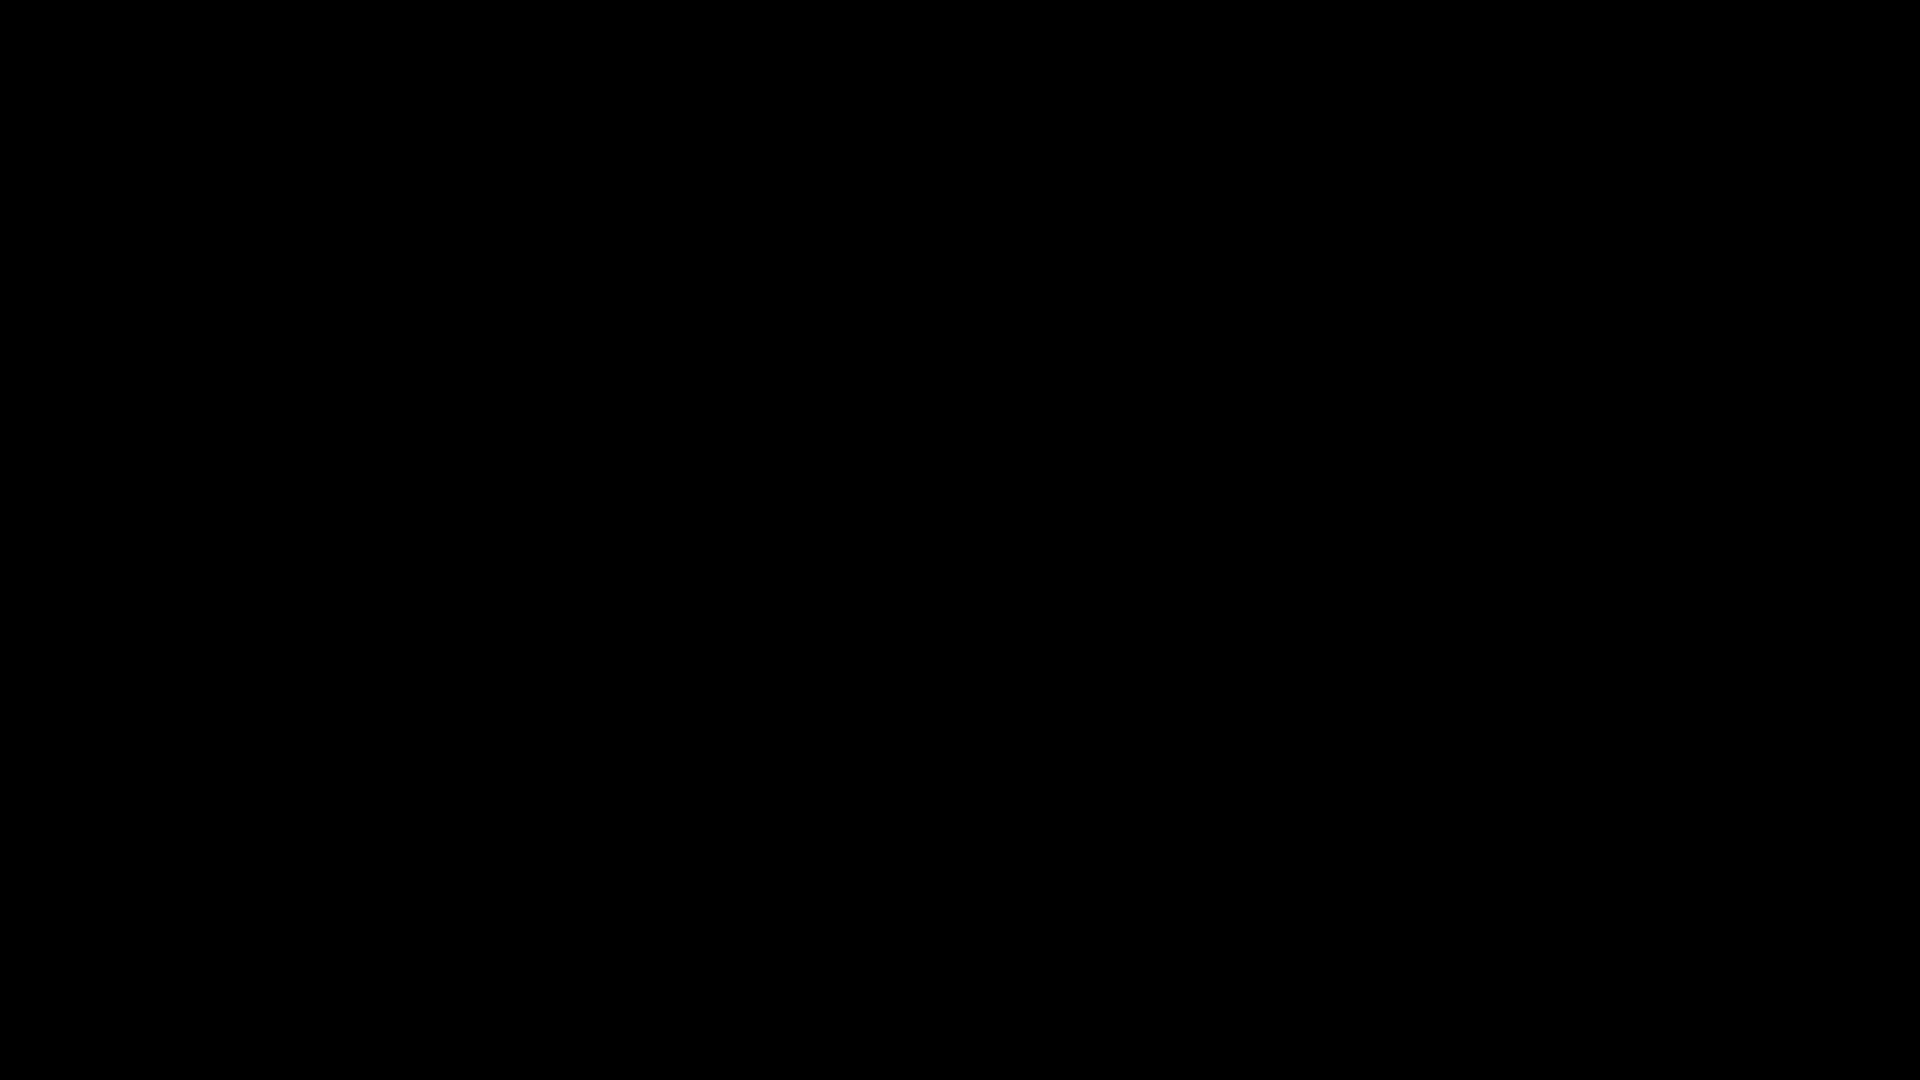 Colore della pelle Elastica di Sport Da Polso Brace Banda Avvolgere Mano Supporto Per Il Polso Protector